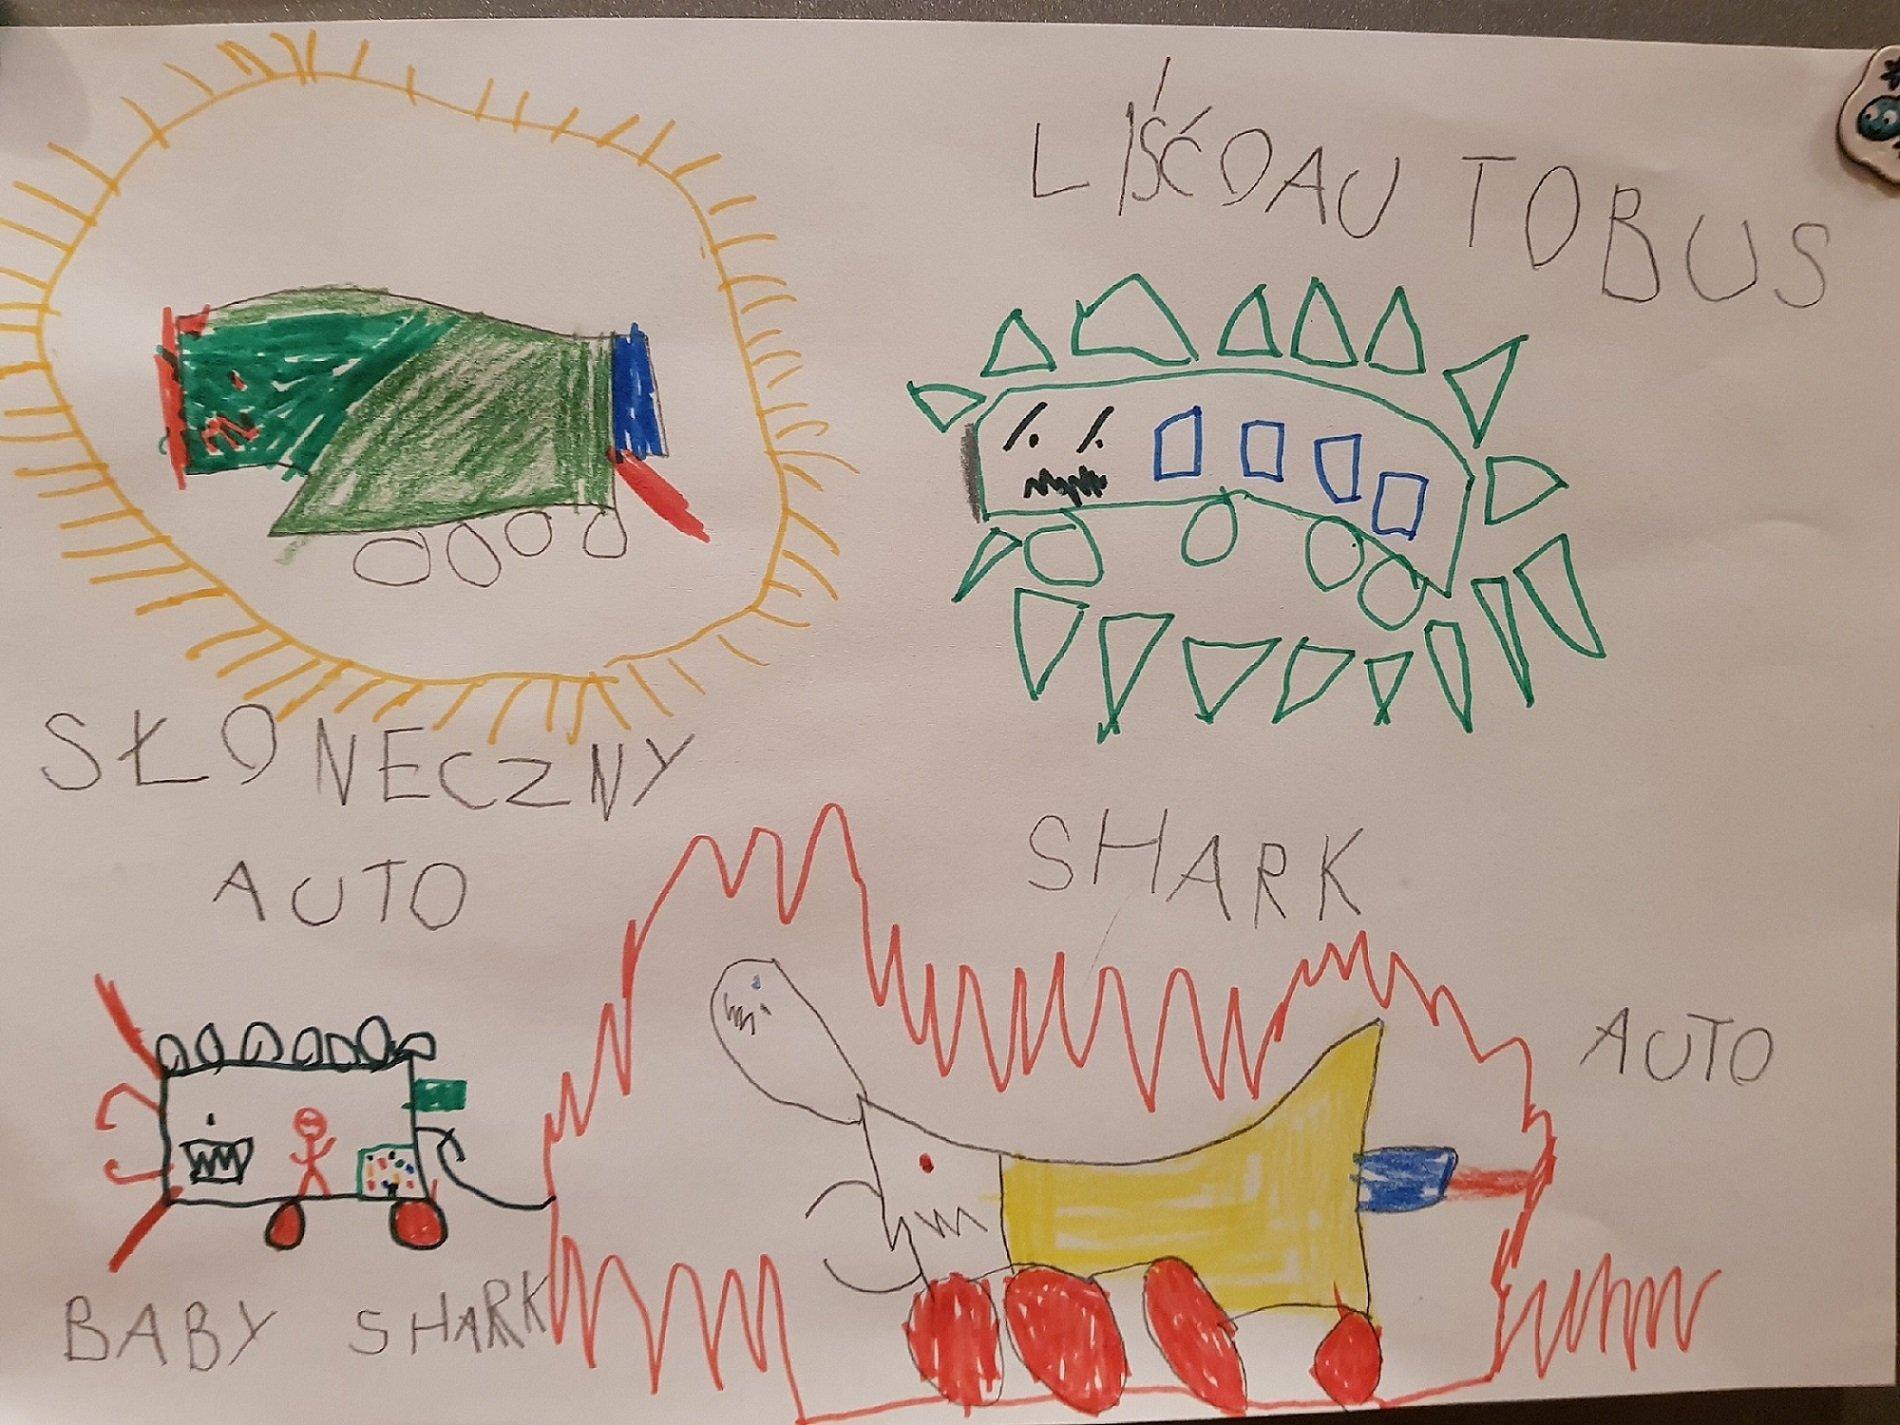 Shark auto i jego przyjaciele